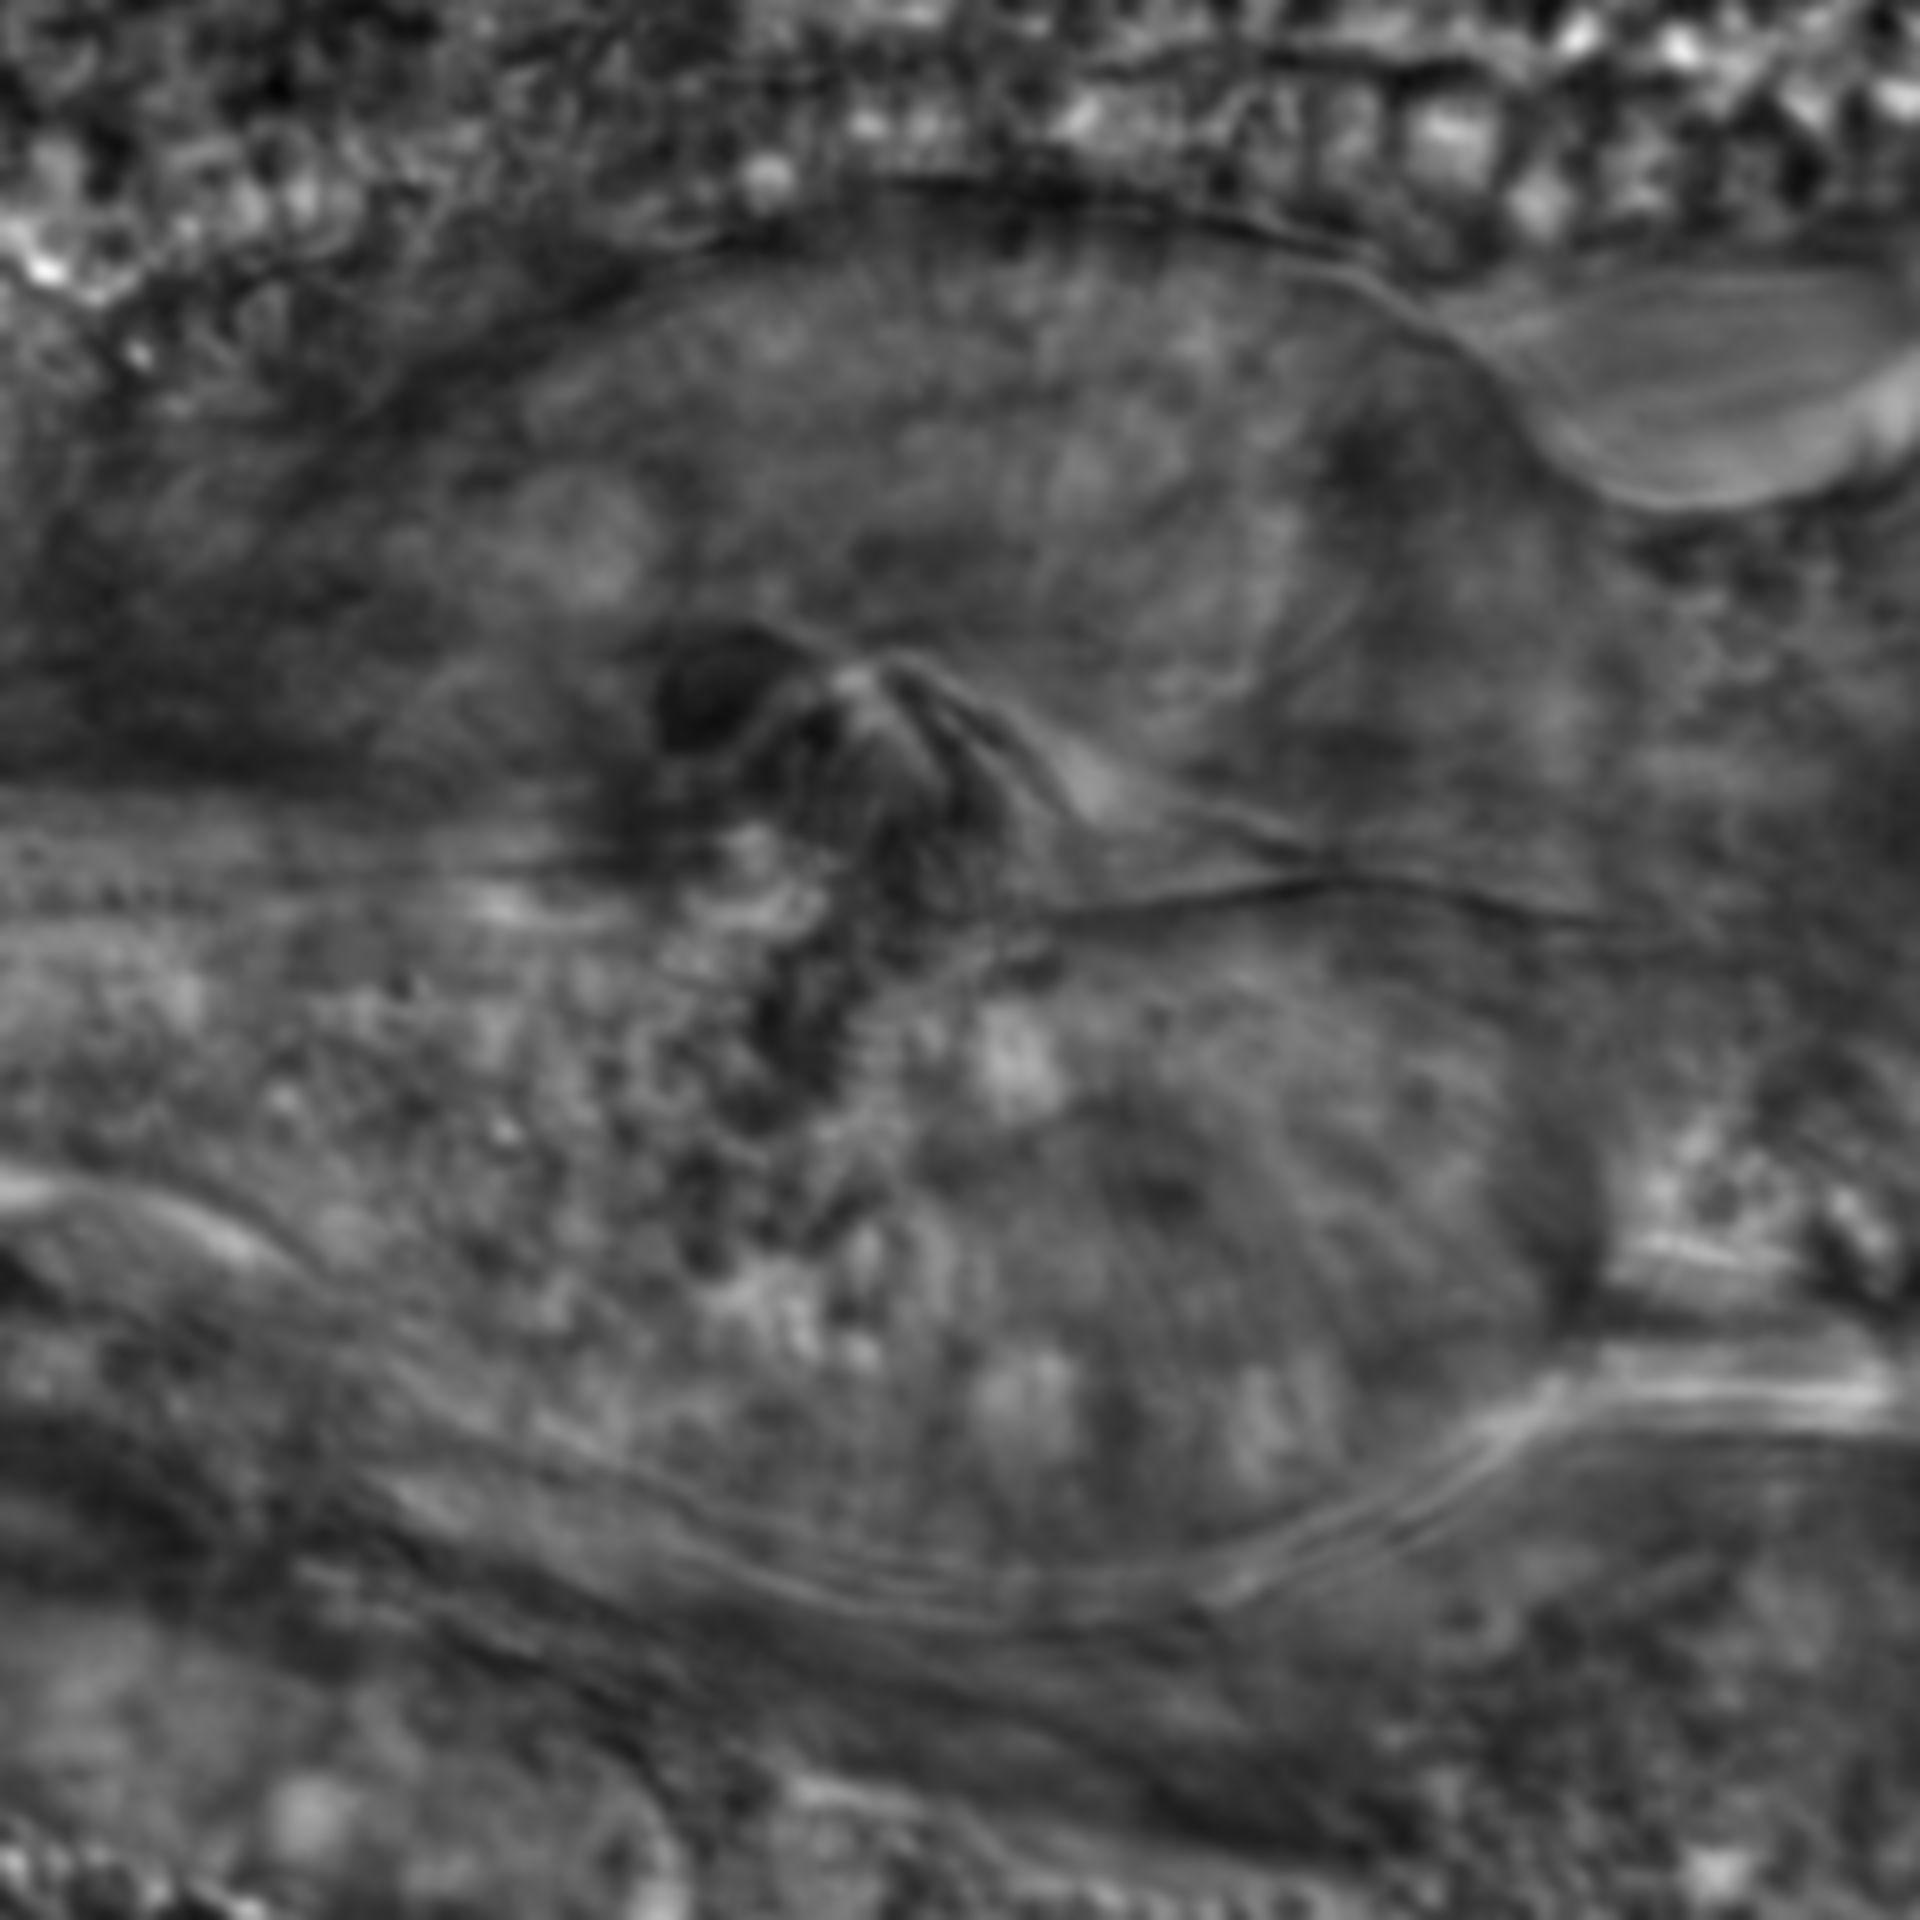 Caenorhabditis elegans - CIL:2122